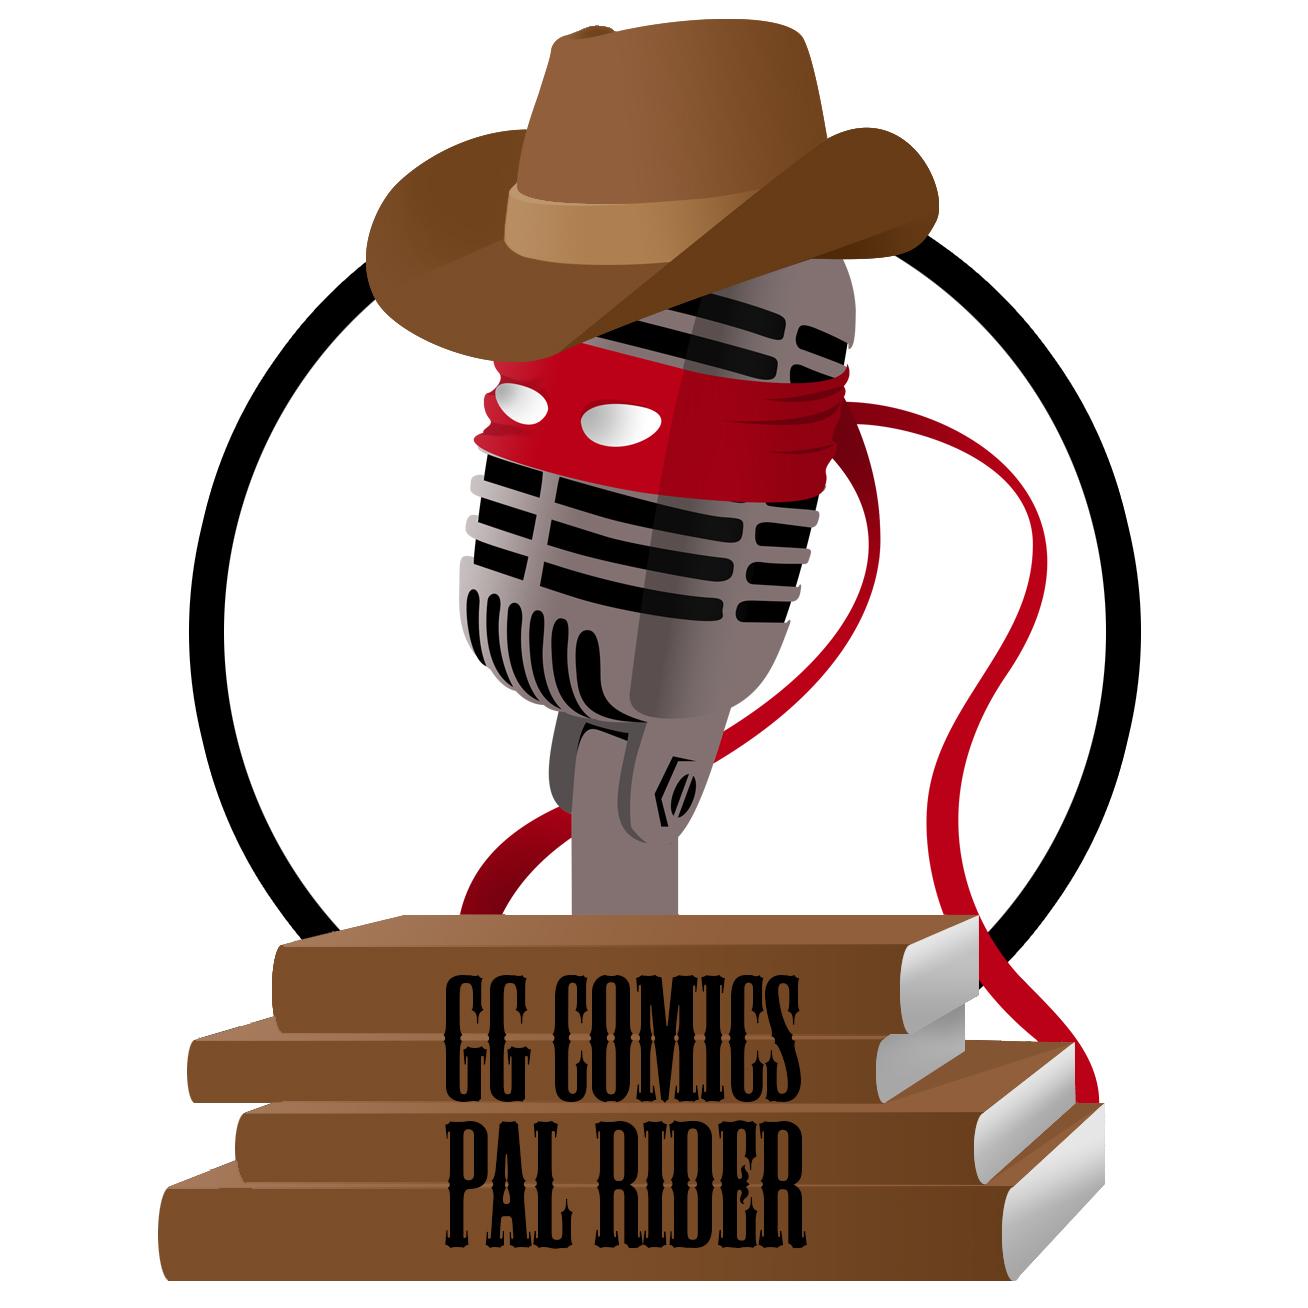 Les GG comics - PAL Rider 05 avec Comics Grincheux